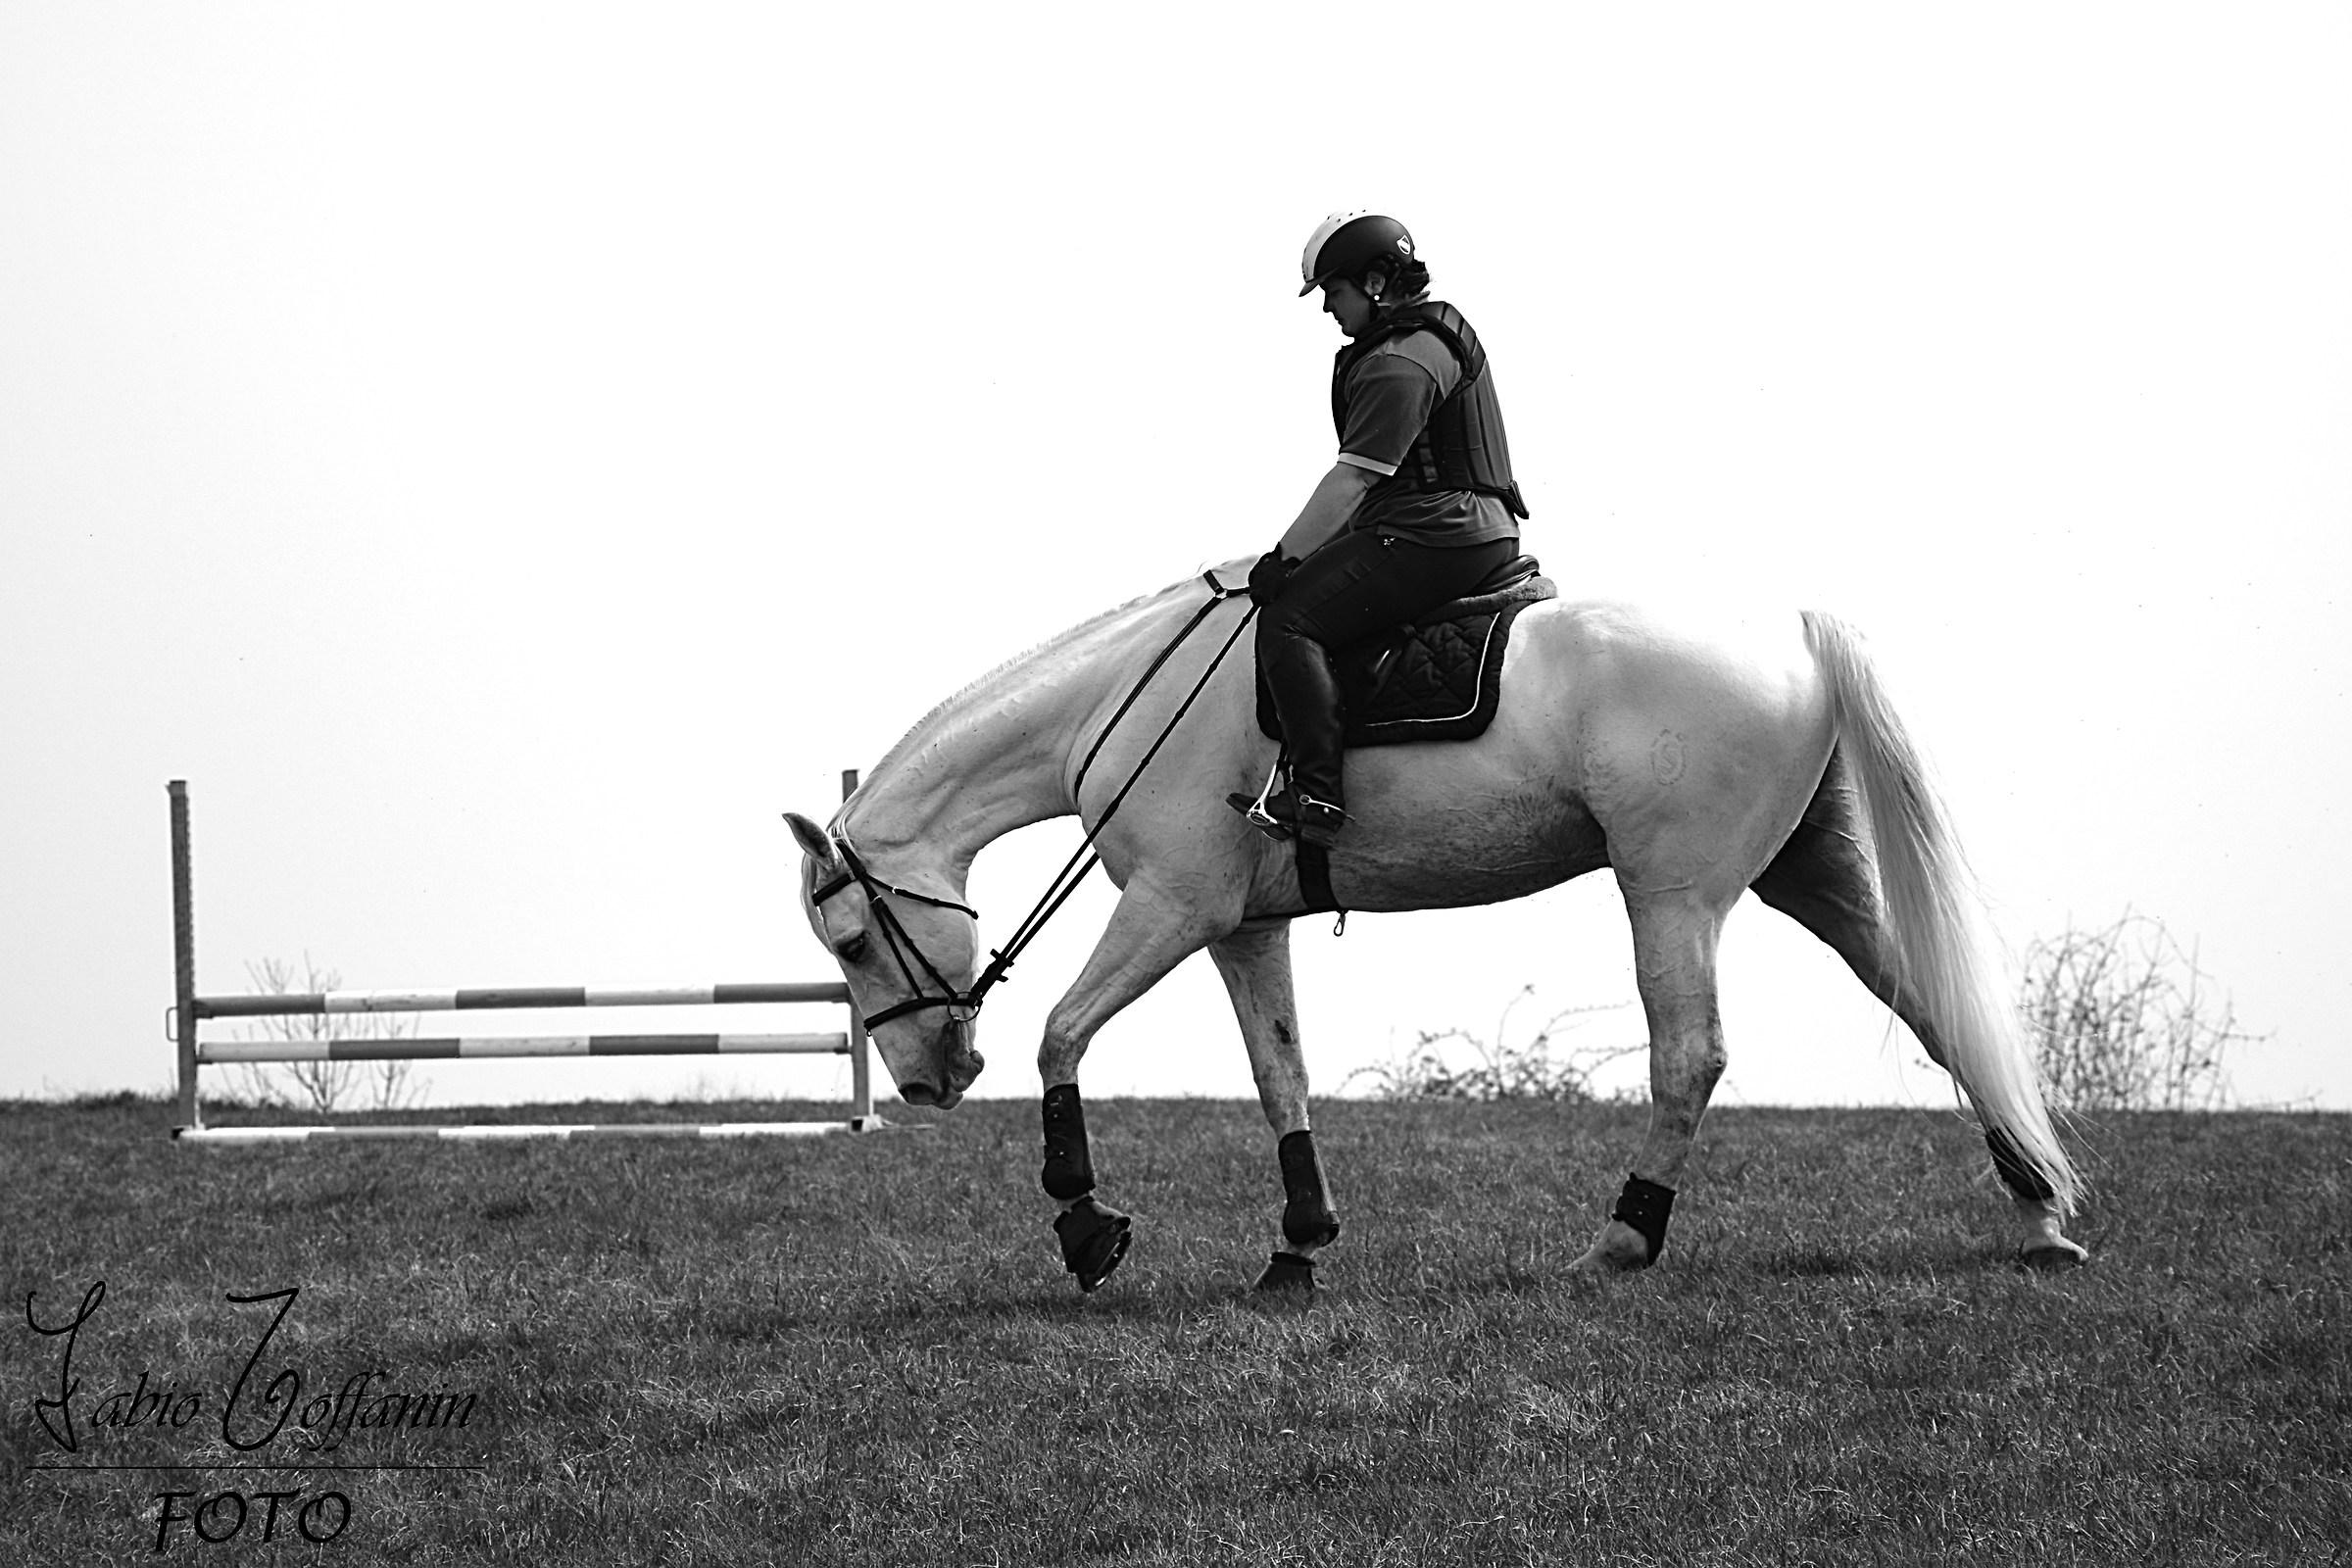 Quando il tuo cavallo sbaglia, chiedigli scusa....